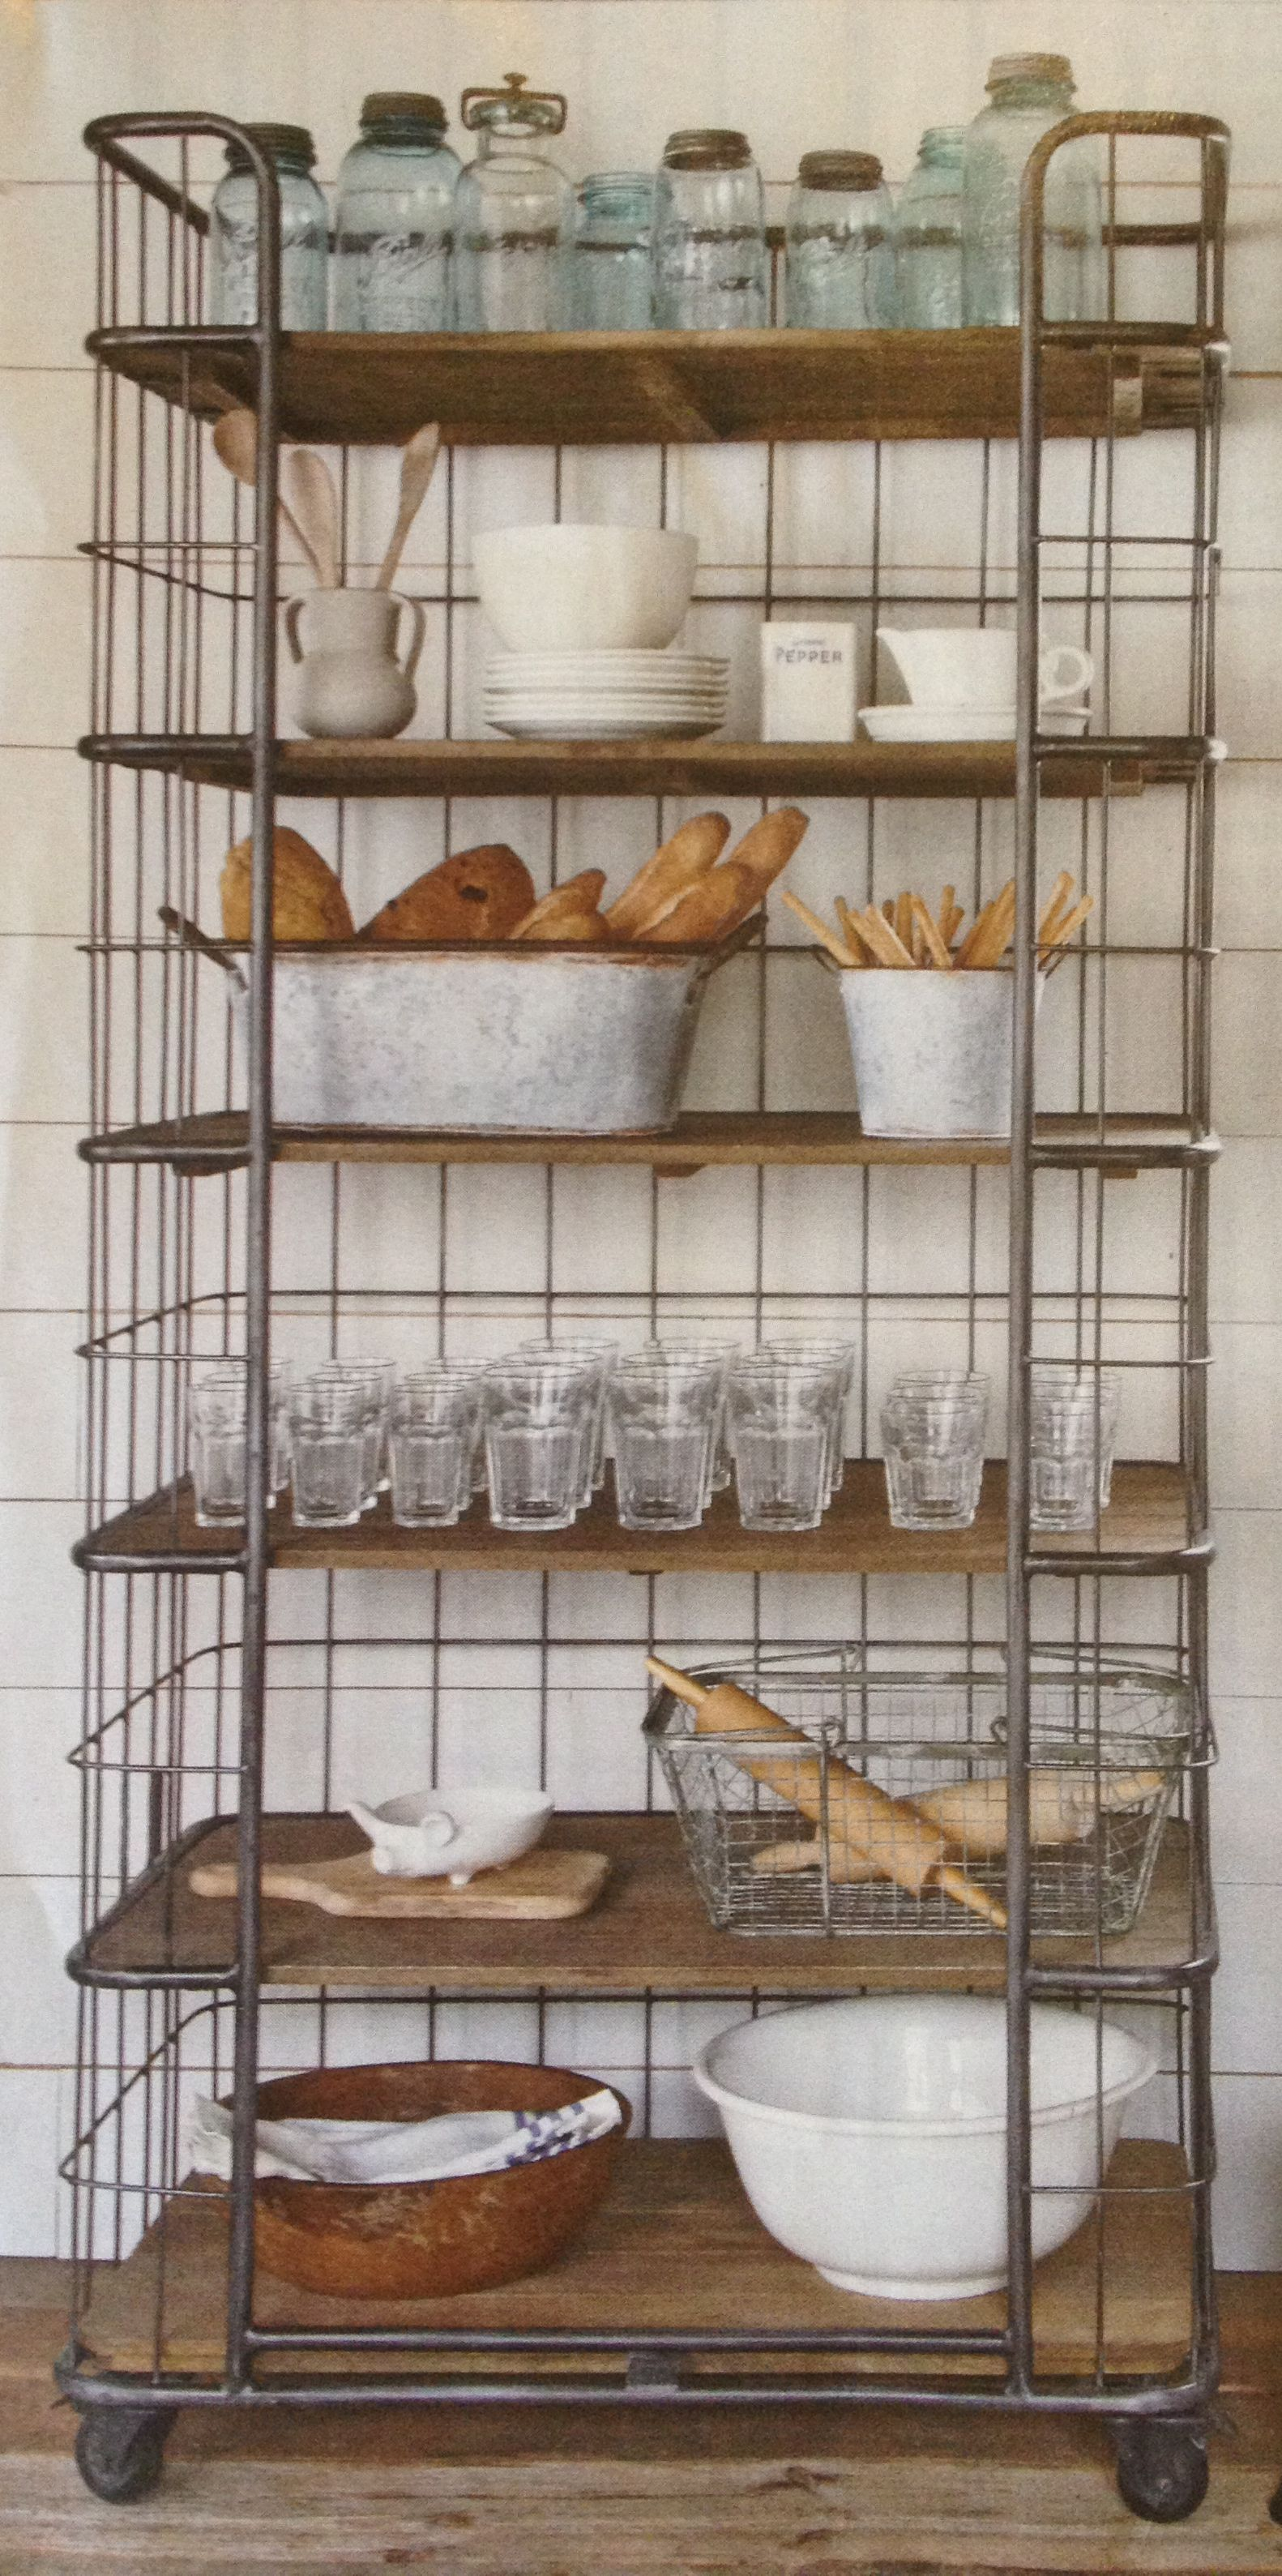 Ideen für küchenschränke ohne türen prop storage  home decor  pinterest  küche